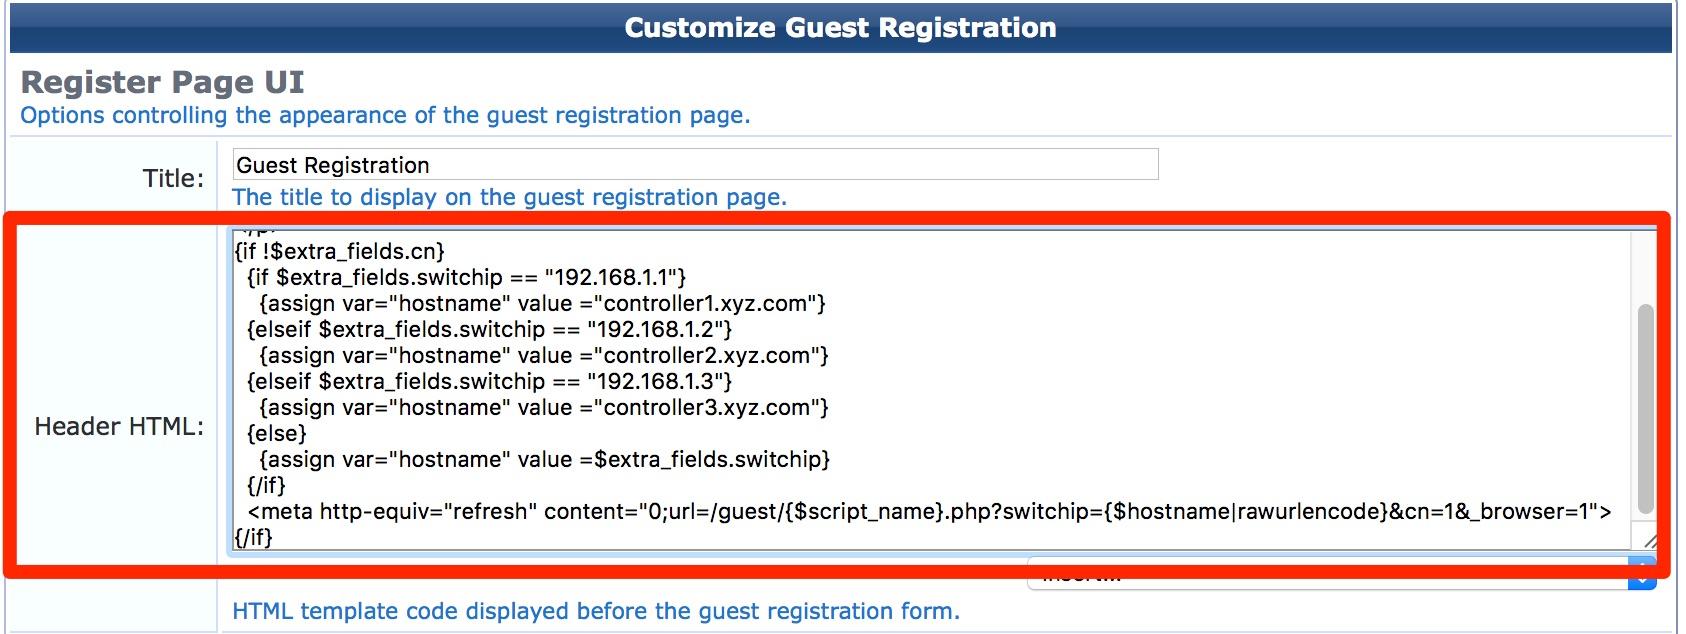 customize_guest_registration__script_pZPwU2e.jpg